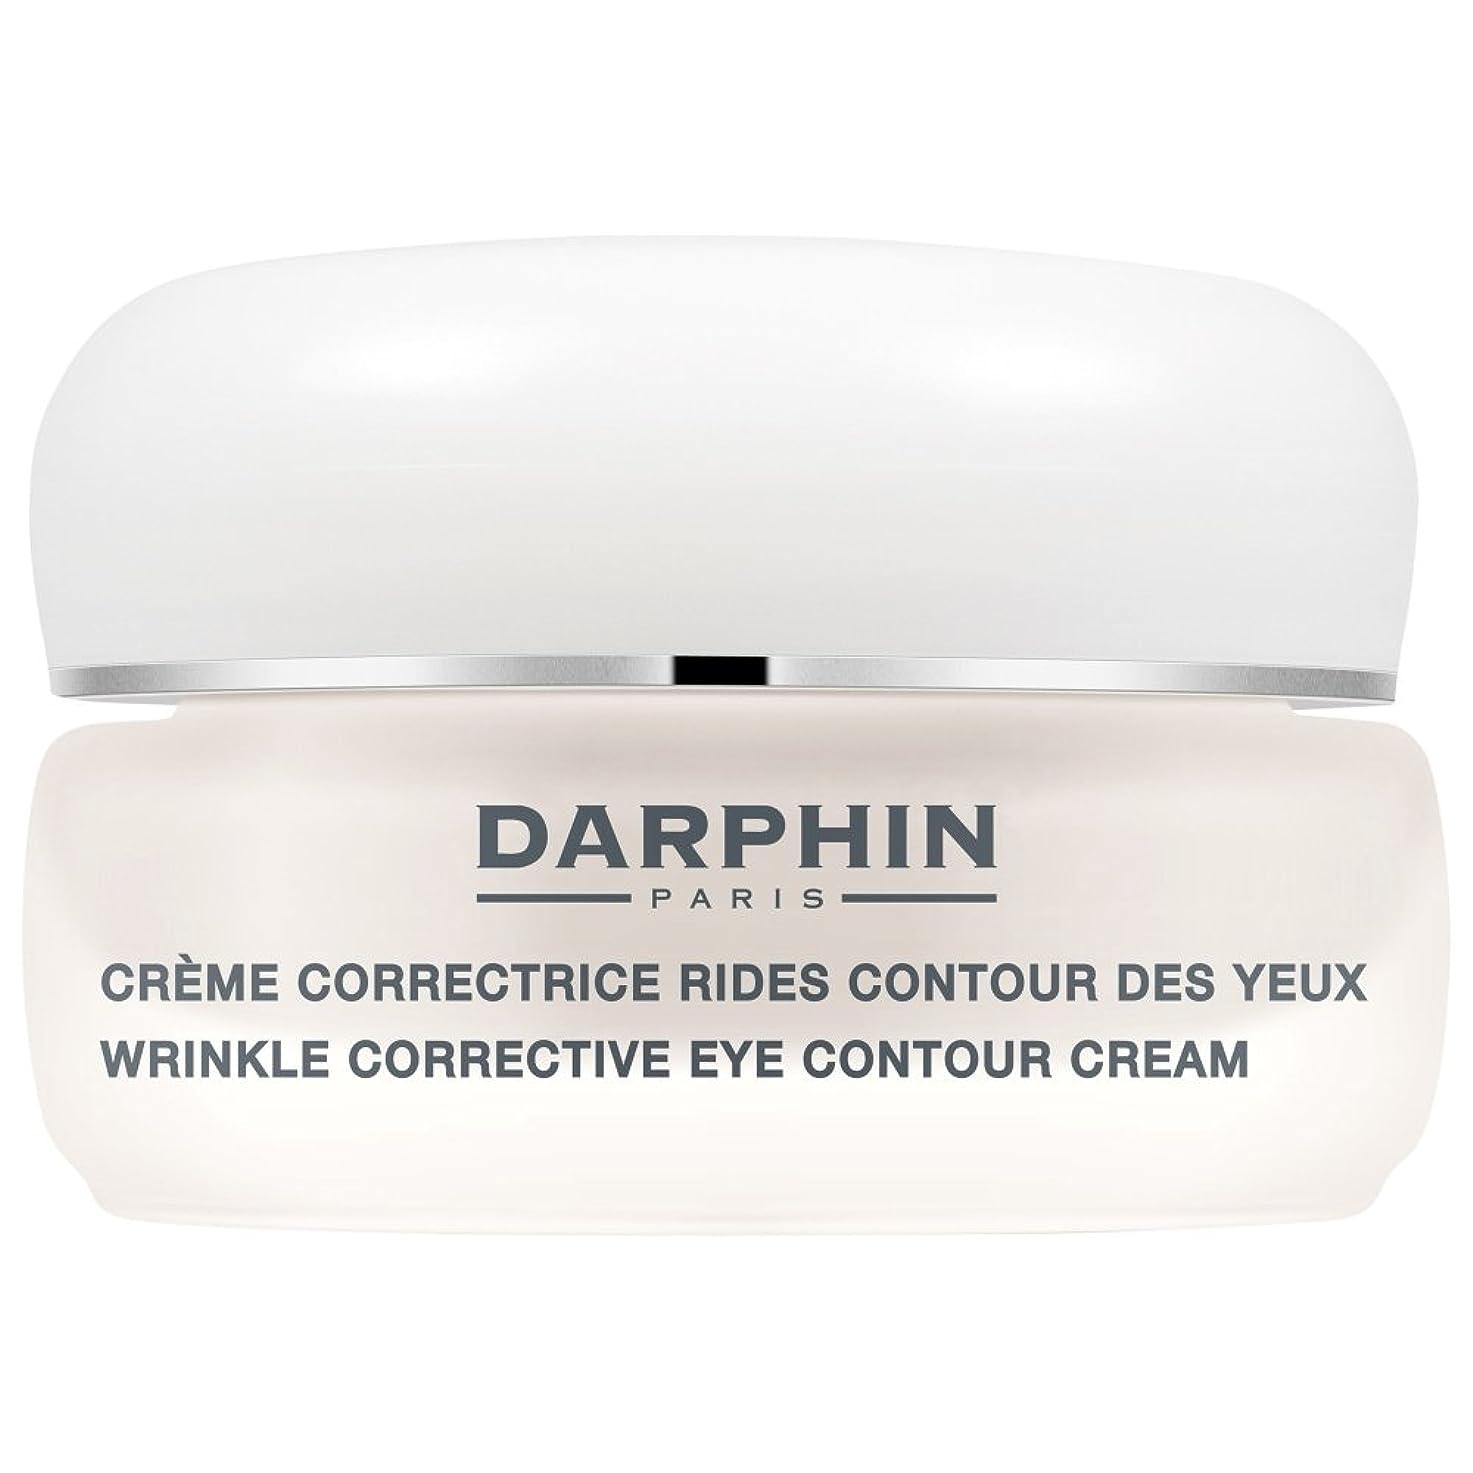 良性腫瘍群衆ダルファンのシワ矯正アイ輪郭クリーム15ミリリットル (Darphin) (x6) - Darphin Wrinkle Corrective Eye Contour Cream 15ml (Pack of 6) [並行輸入品]